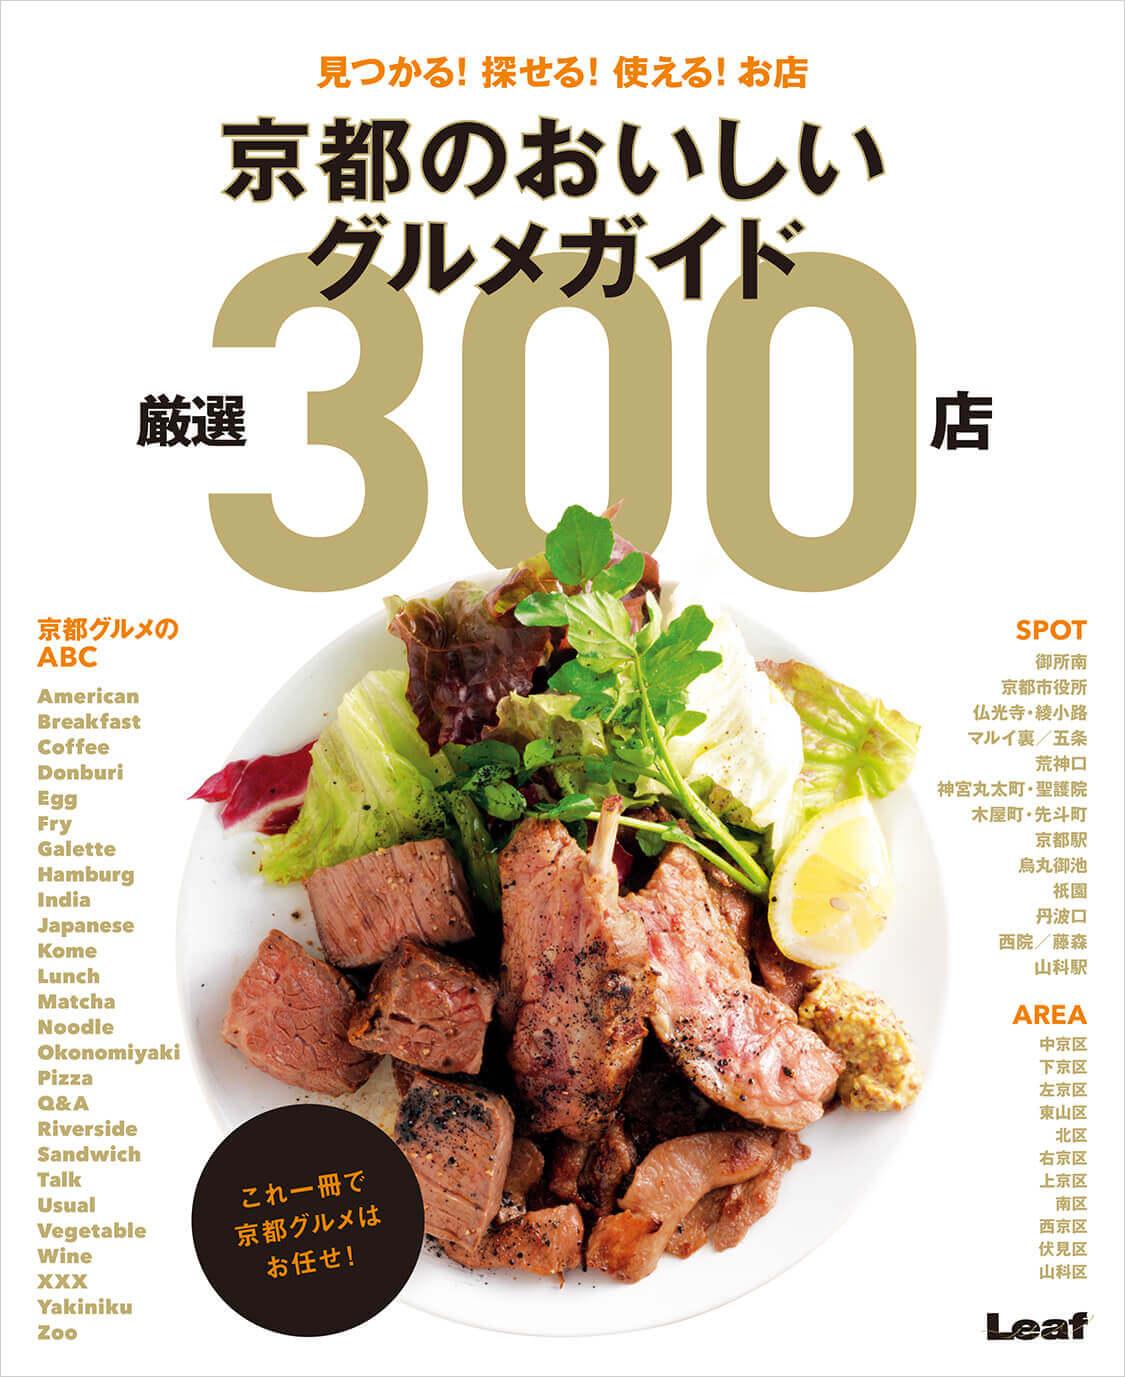 LeafMOOK 【書籍】京都のおいしいグルメガイド 厳選300店